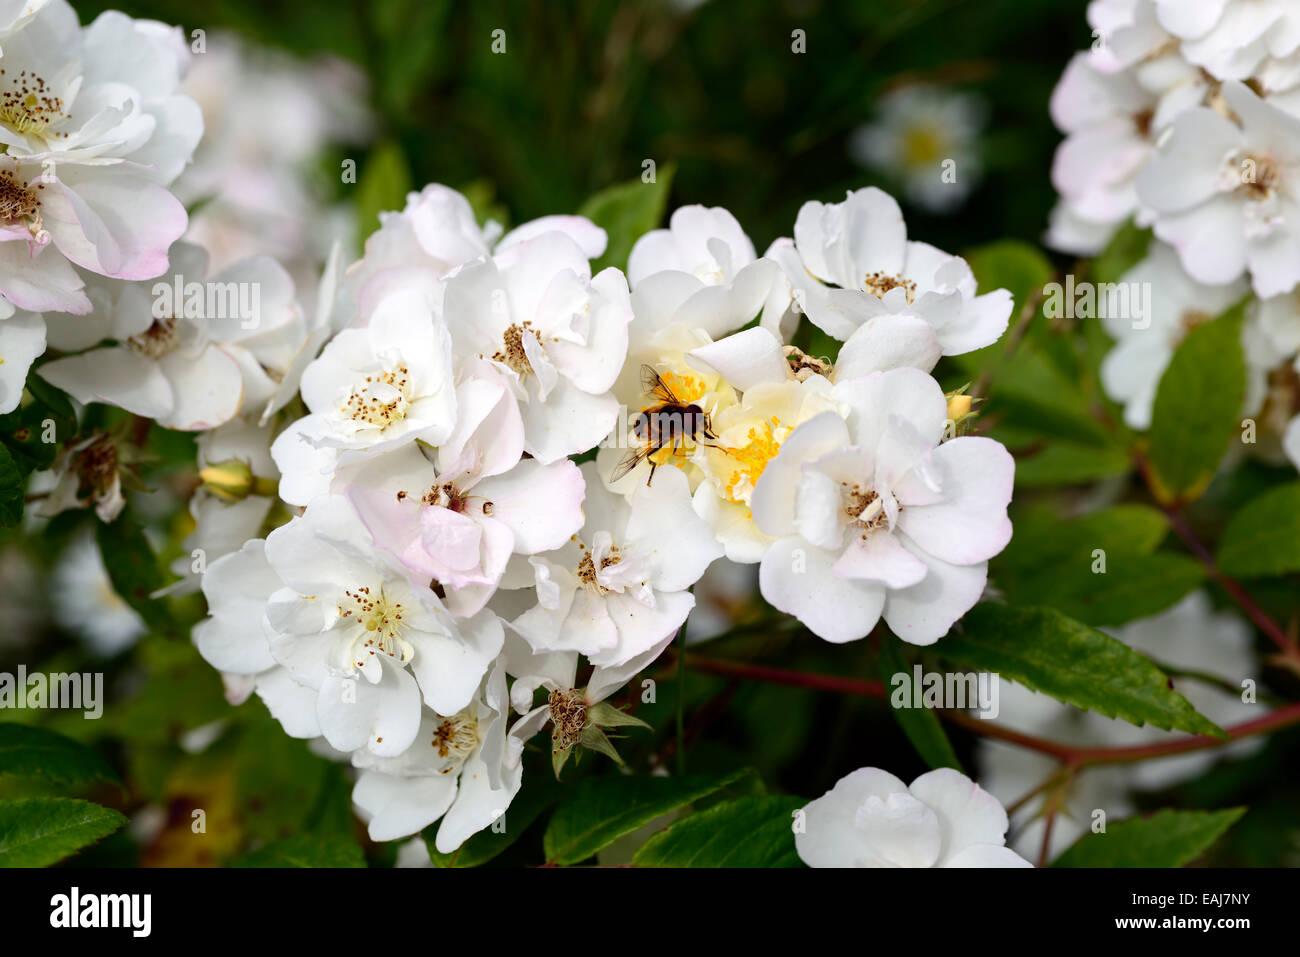 Rosa Rambling Rector Rose Flower White Rambler Climber Shrub Shrubs